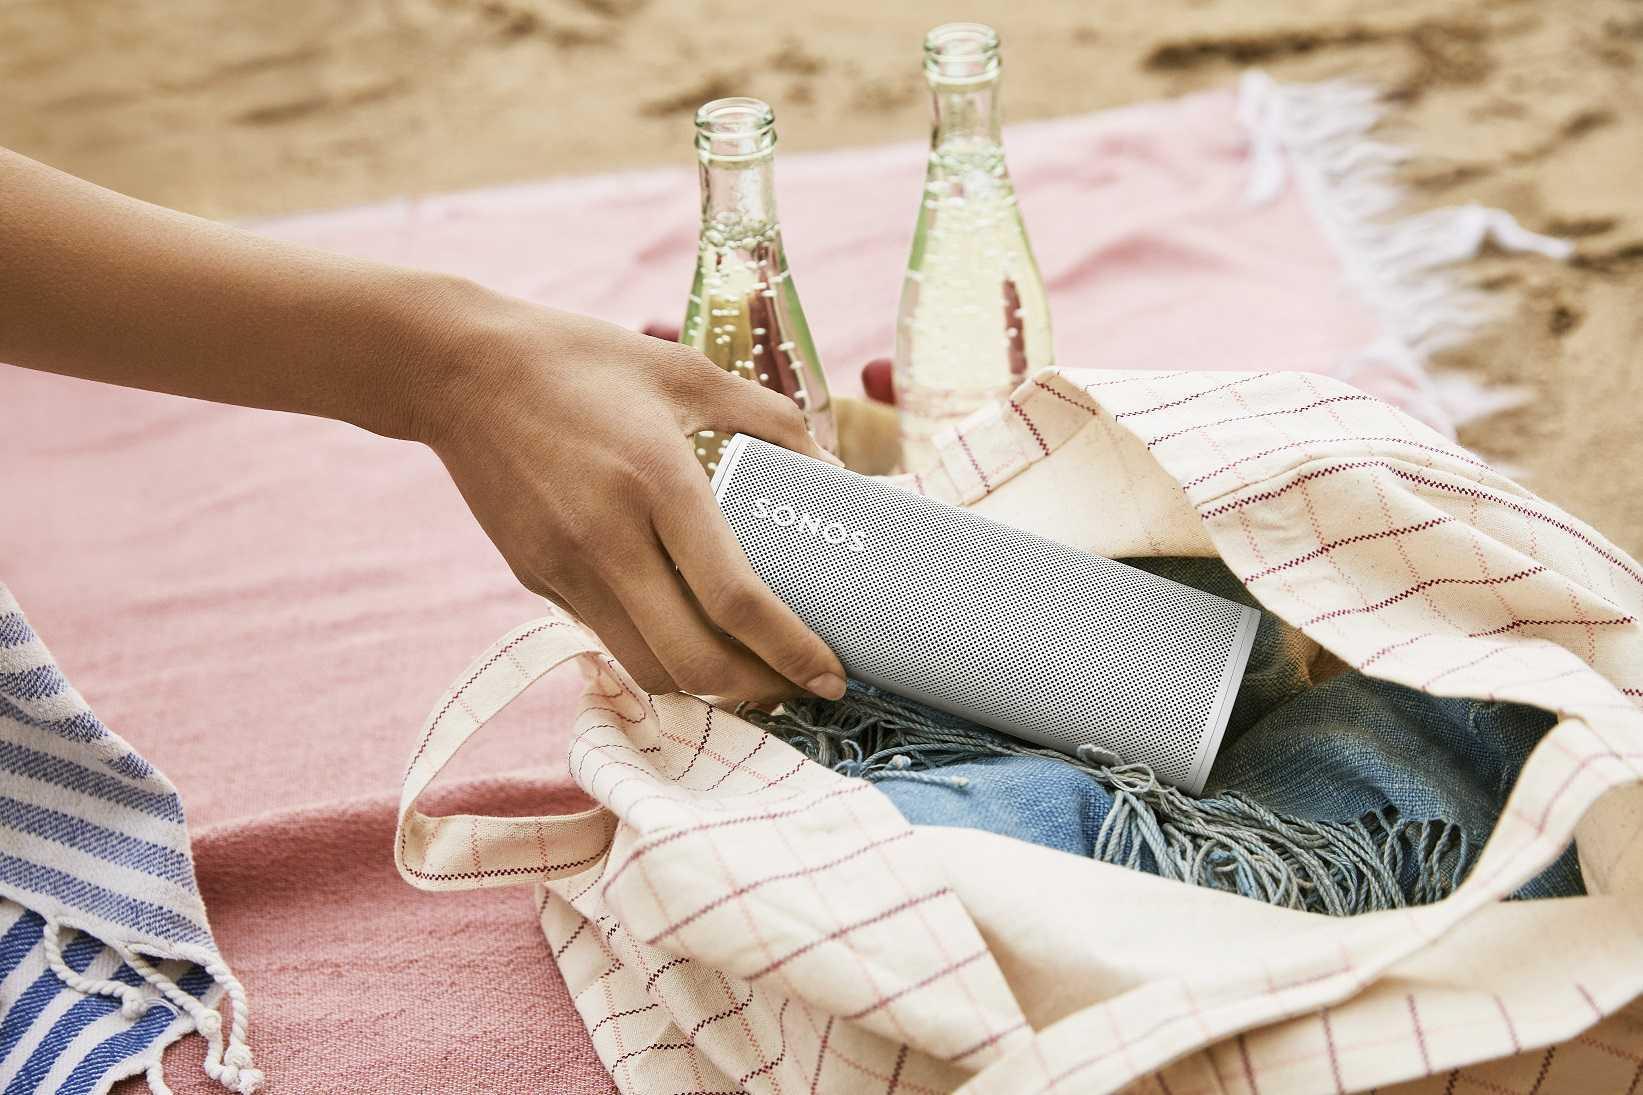 Sonos Roam: compact, flexible, élégant - le nouveau haut-parleur intelligent de Sonos